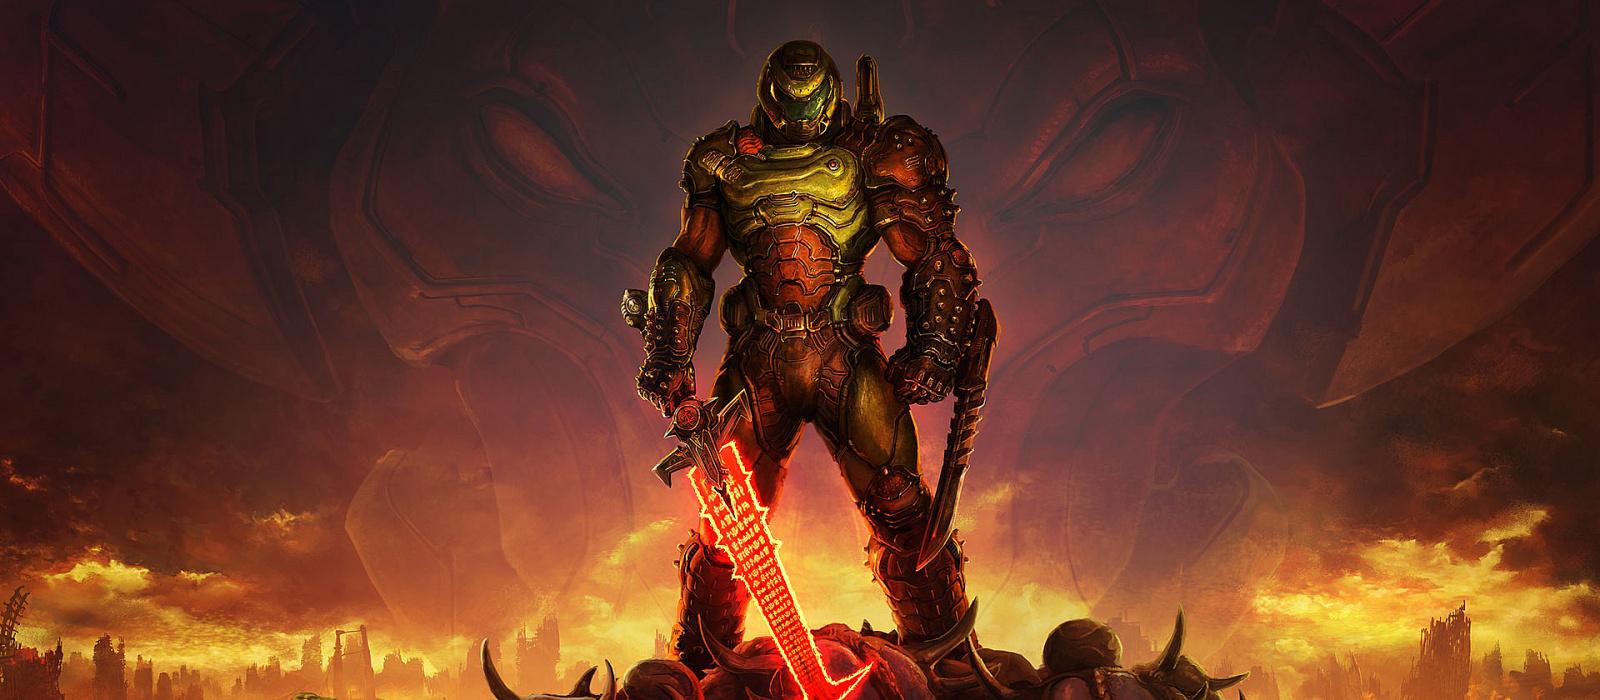 Ein neuer Treiber für NVIDIA-Grafikkarten hat Doom Eternal um Raytracing und Anti-Aliasing erweitert.  Aber nicht alles ist so einfach